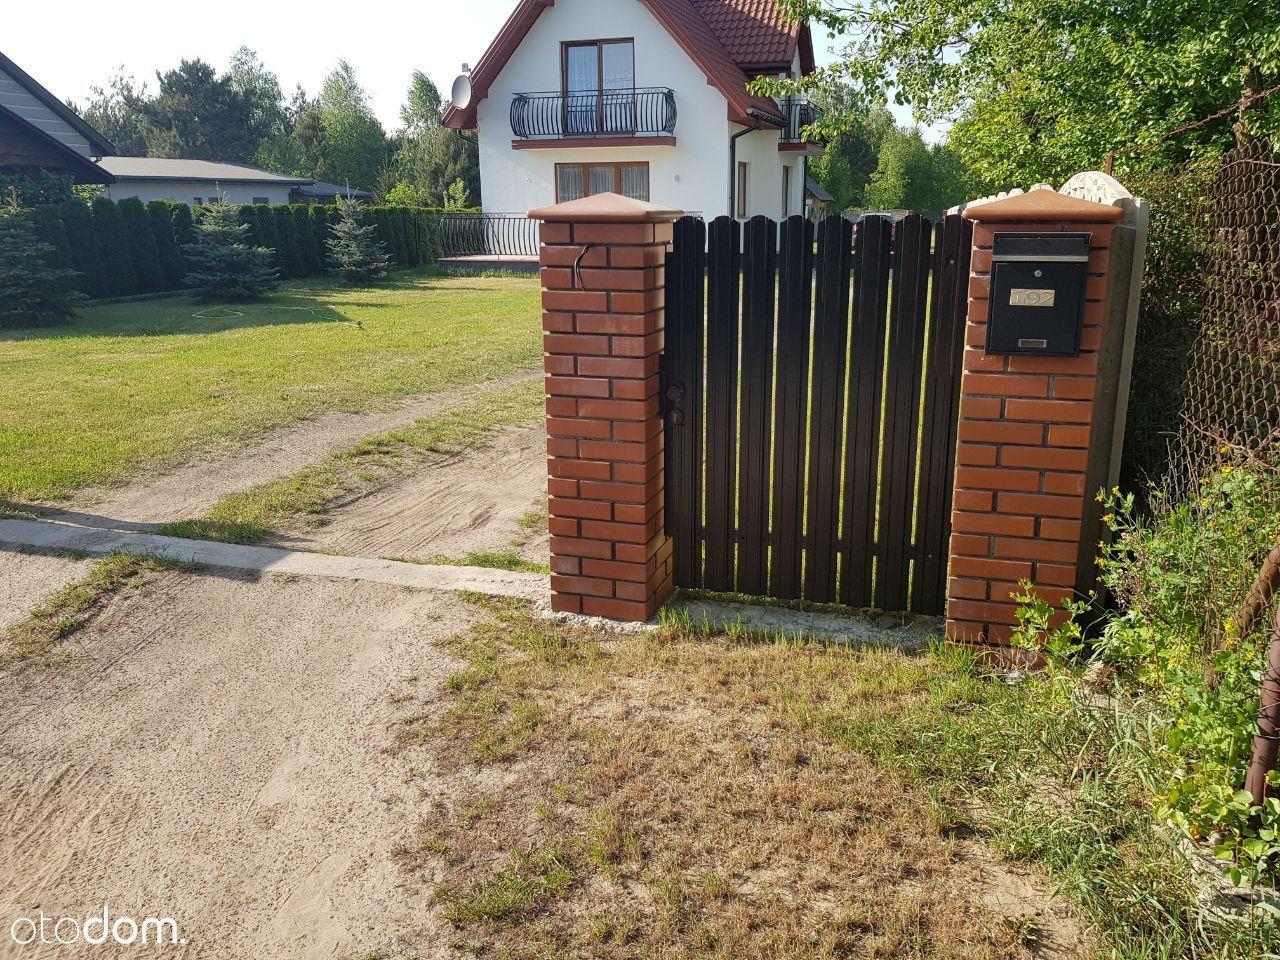 Dom jednorodzinny 130m²